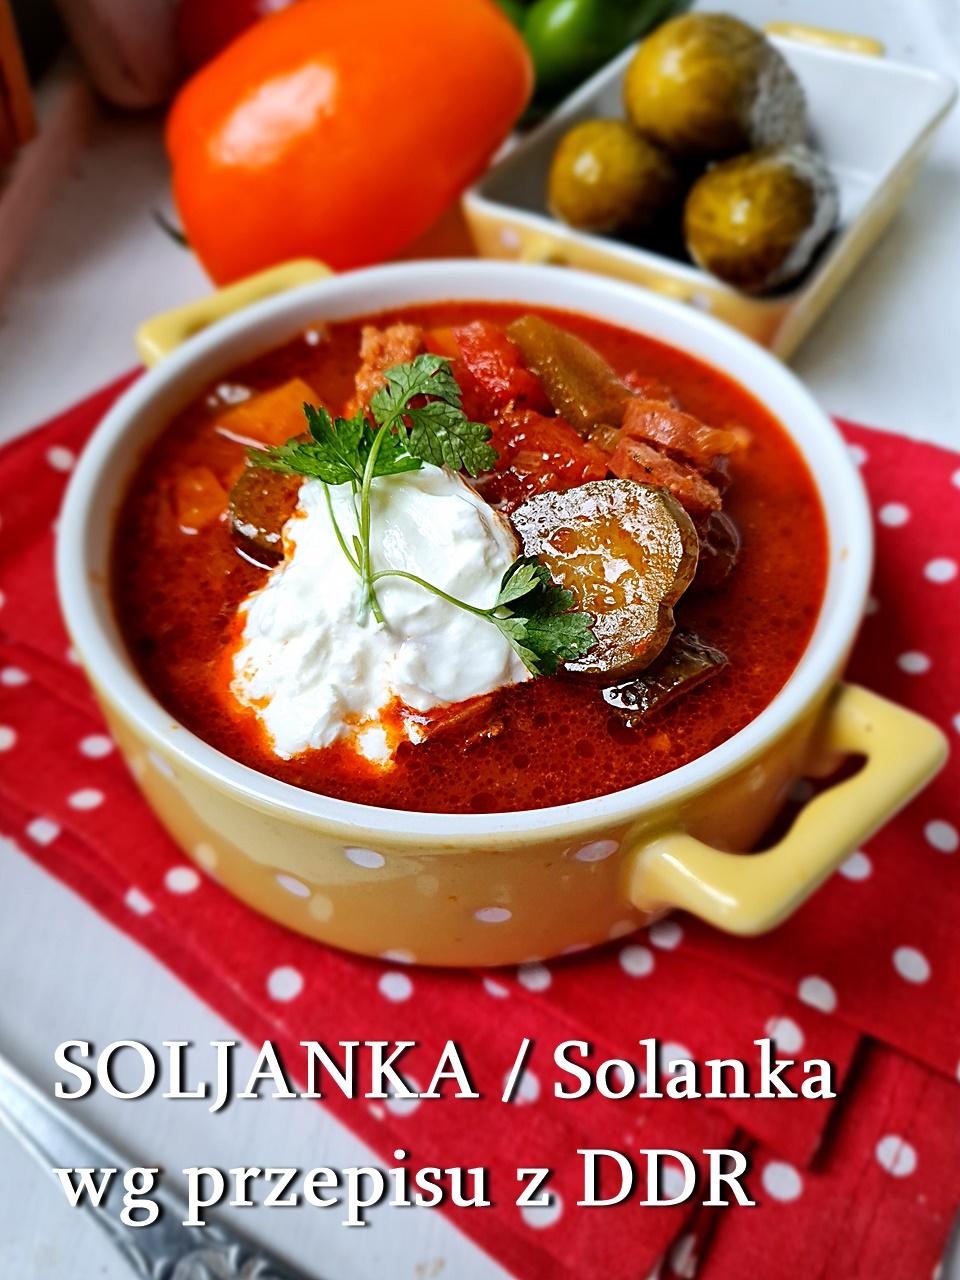 Soljanka nach DDR Rezept